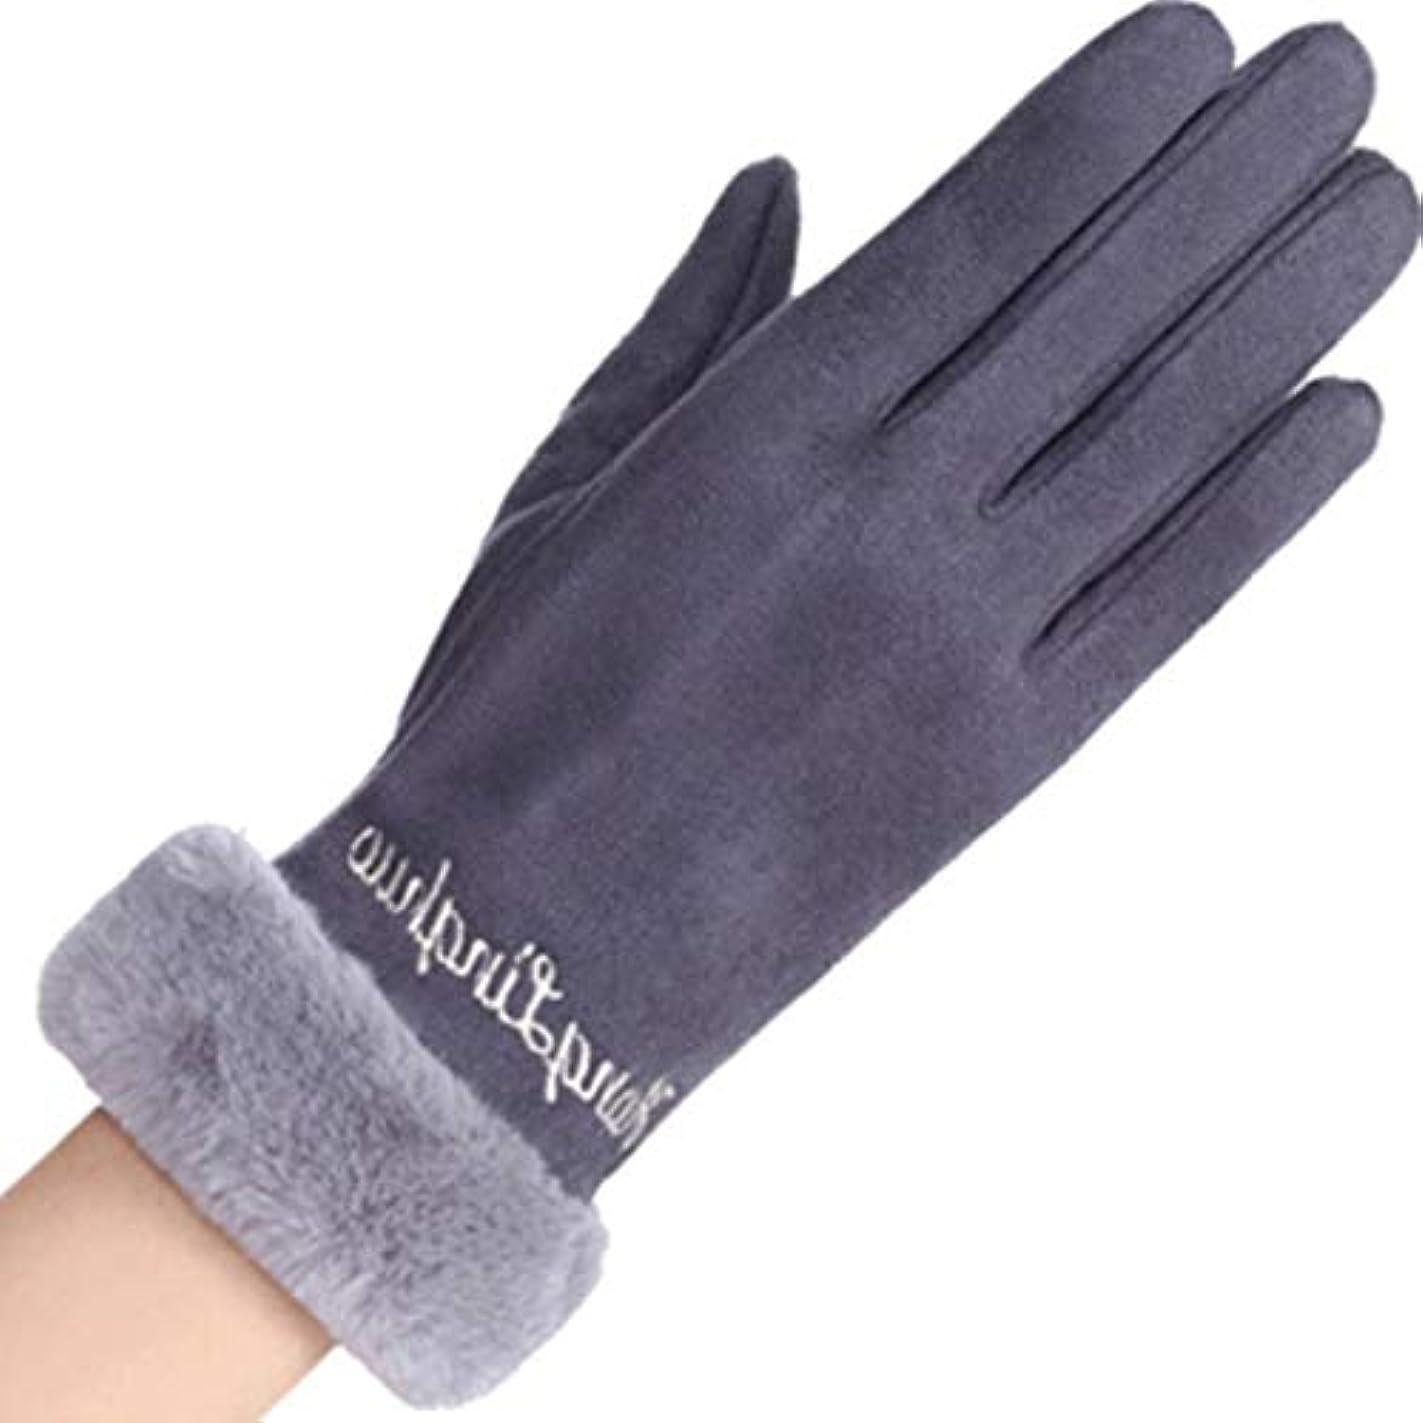 拍手する速い無線手袋の女性の暖かいタッチスクリーンの携帯電話春と秋の冬の防風レターレディースウール手袋黒灰色の粉 (色 : Gray)